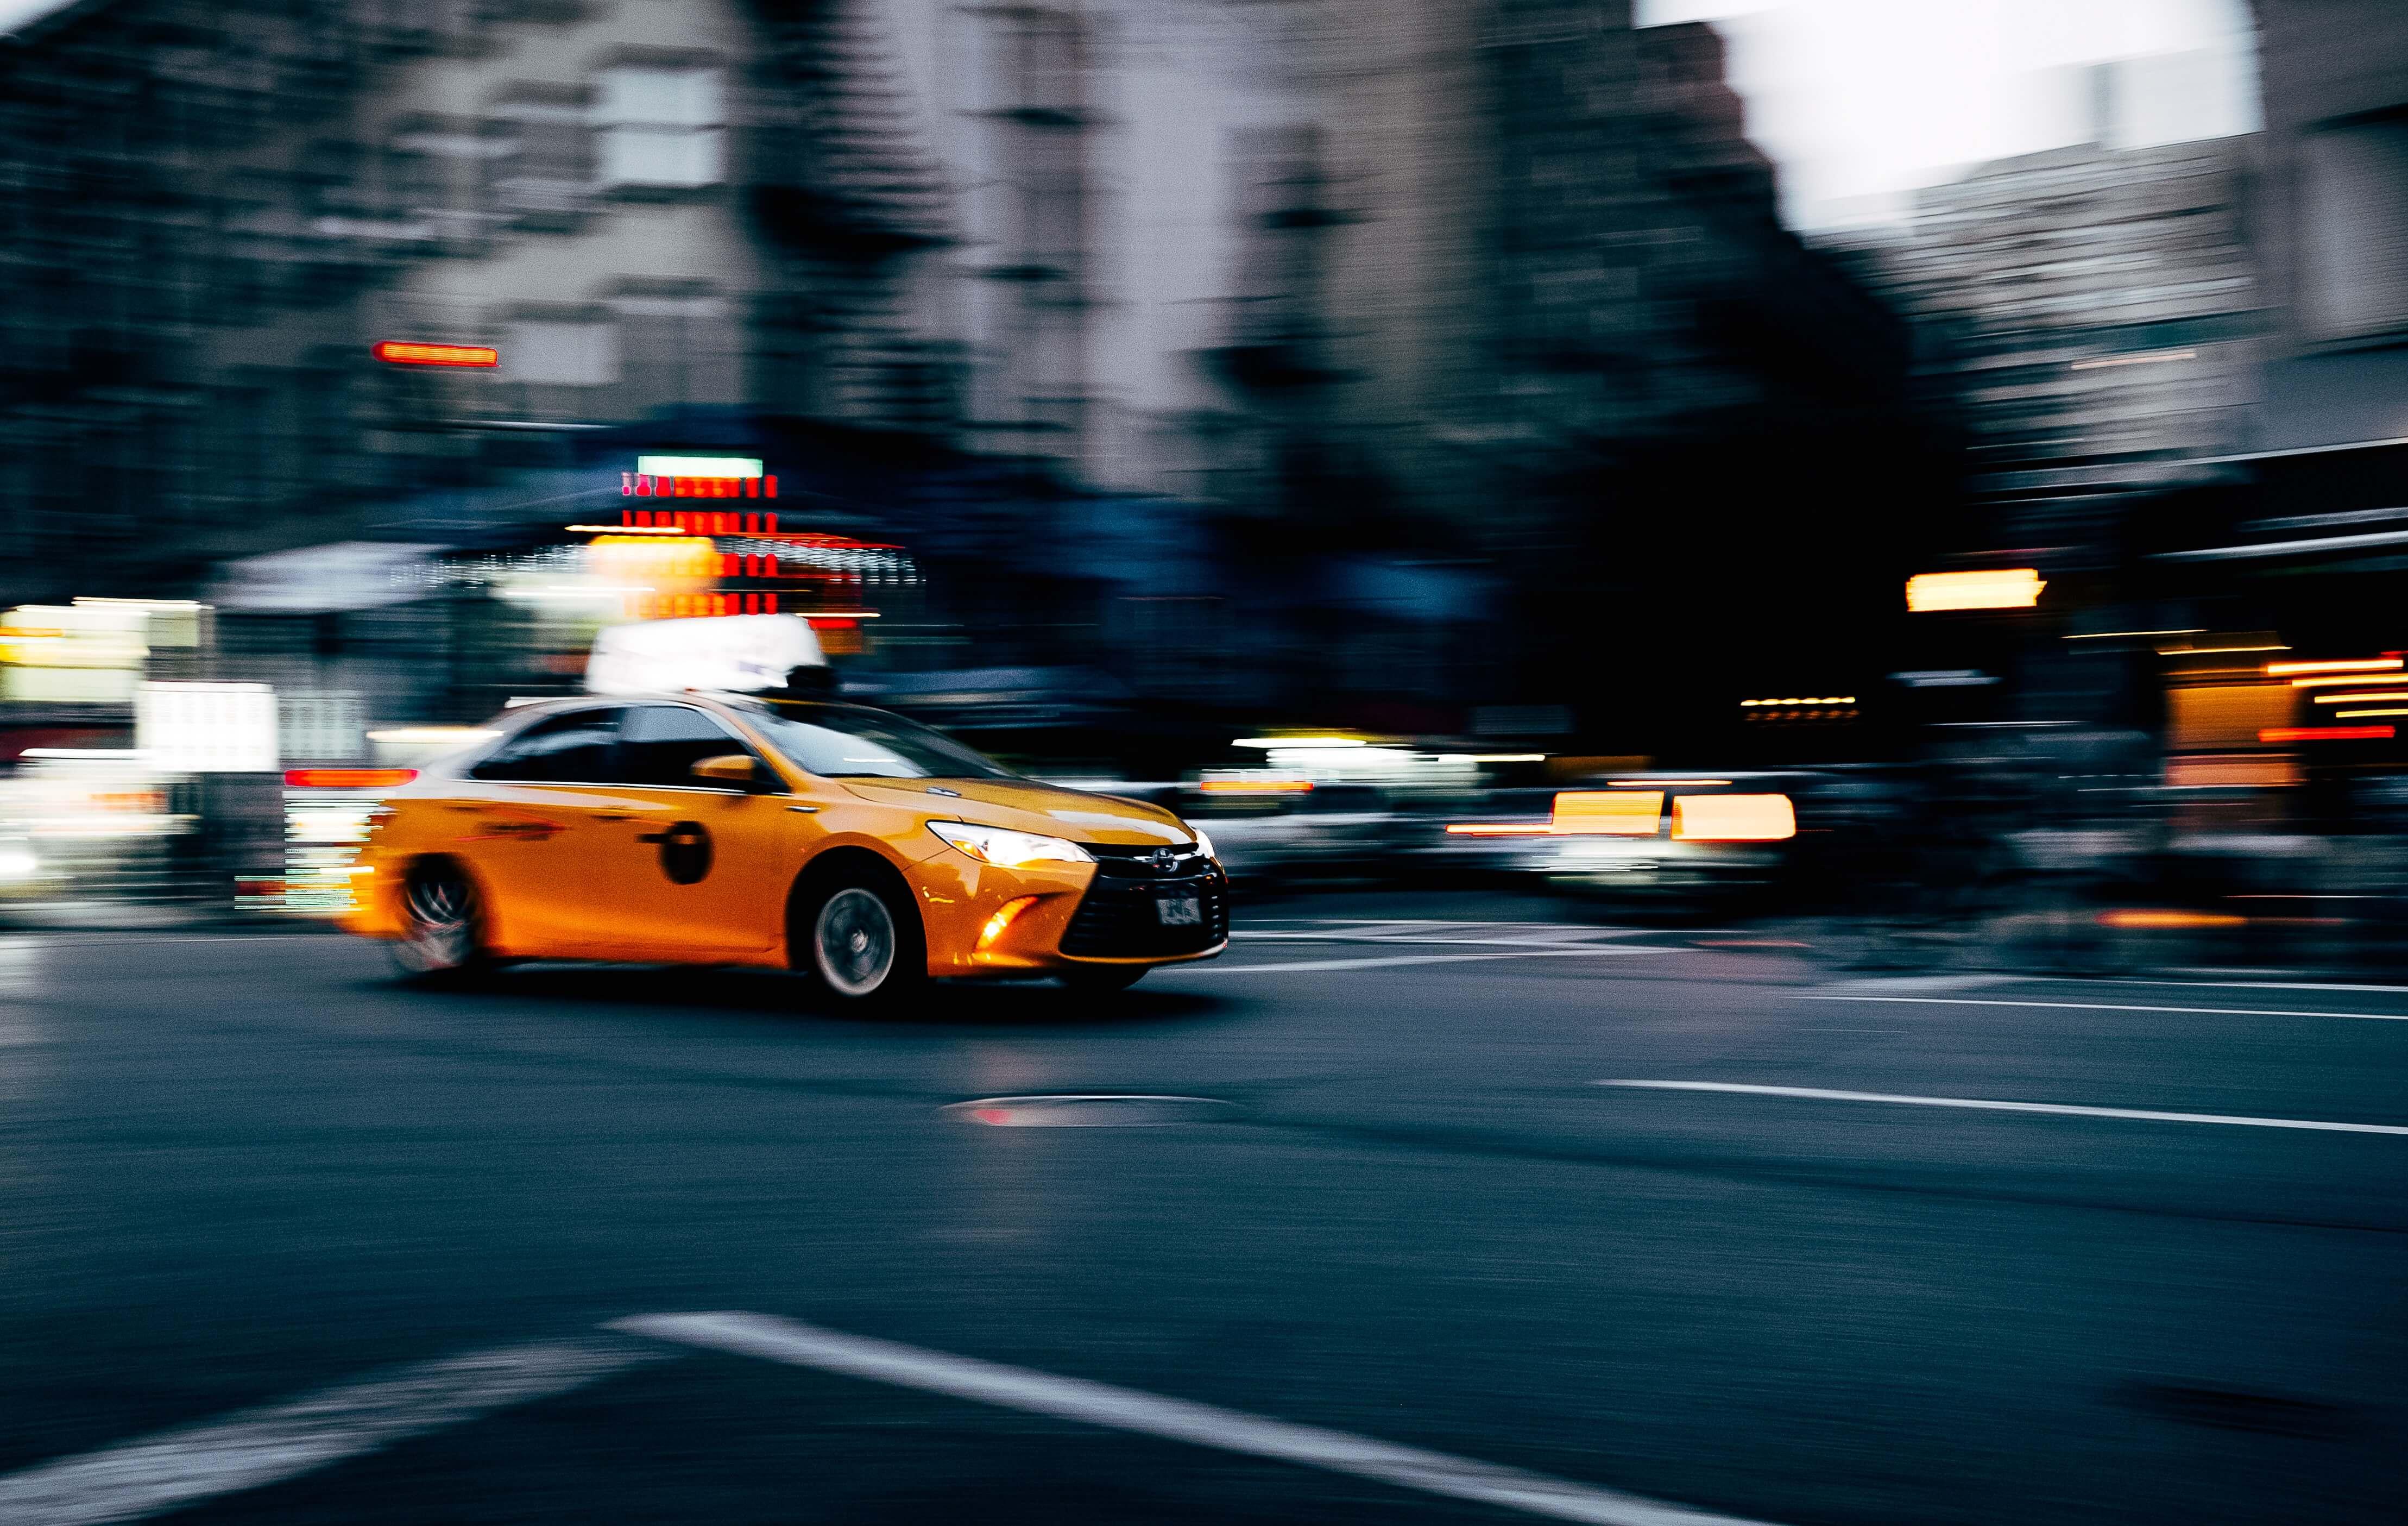 Taxi en mouvement a Paris